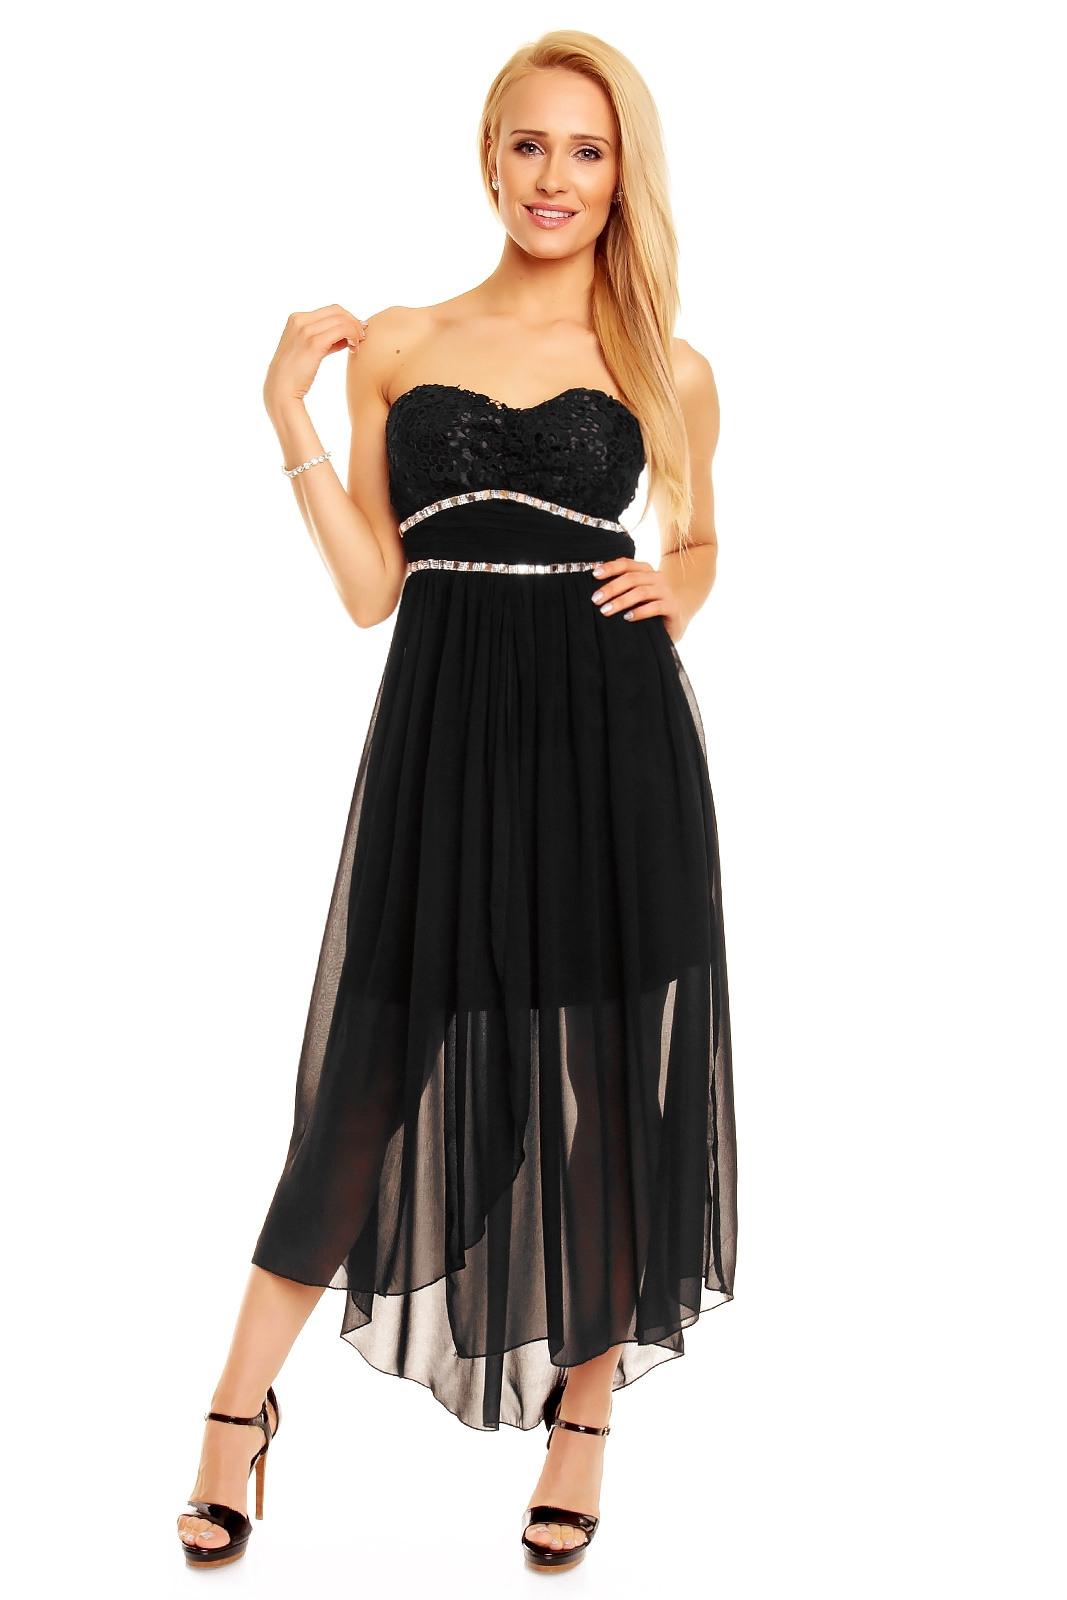 20 Einfach Kleid Koralle Lang Design Einzigartig Kleid Koralle Lang Vertrieb